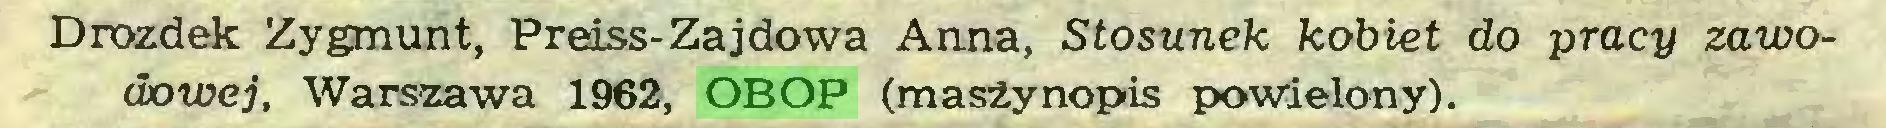 (...) Drozdek Zygmunt, Preiss-Zajdowa Anna, Stosunek kobiet do pracy zawodowej, Warszawa 1962, OBOP (maszynopis powielony)...